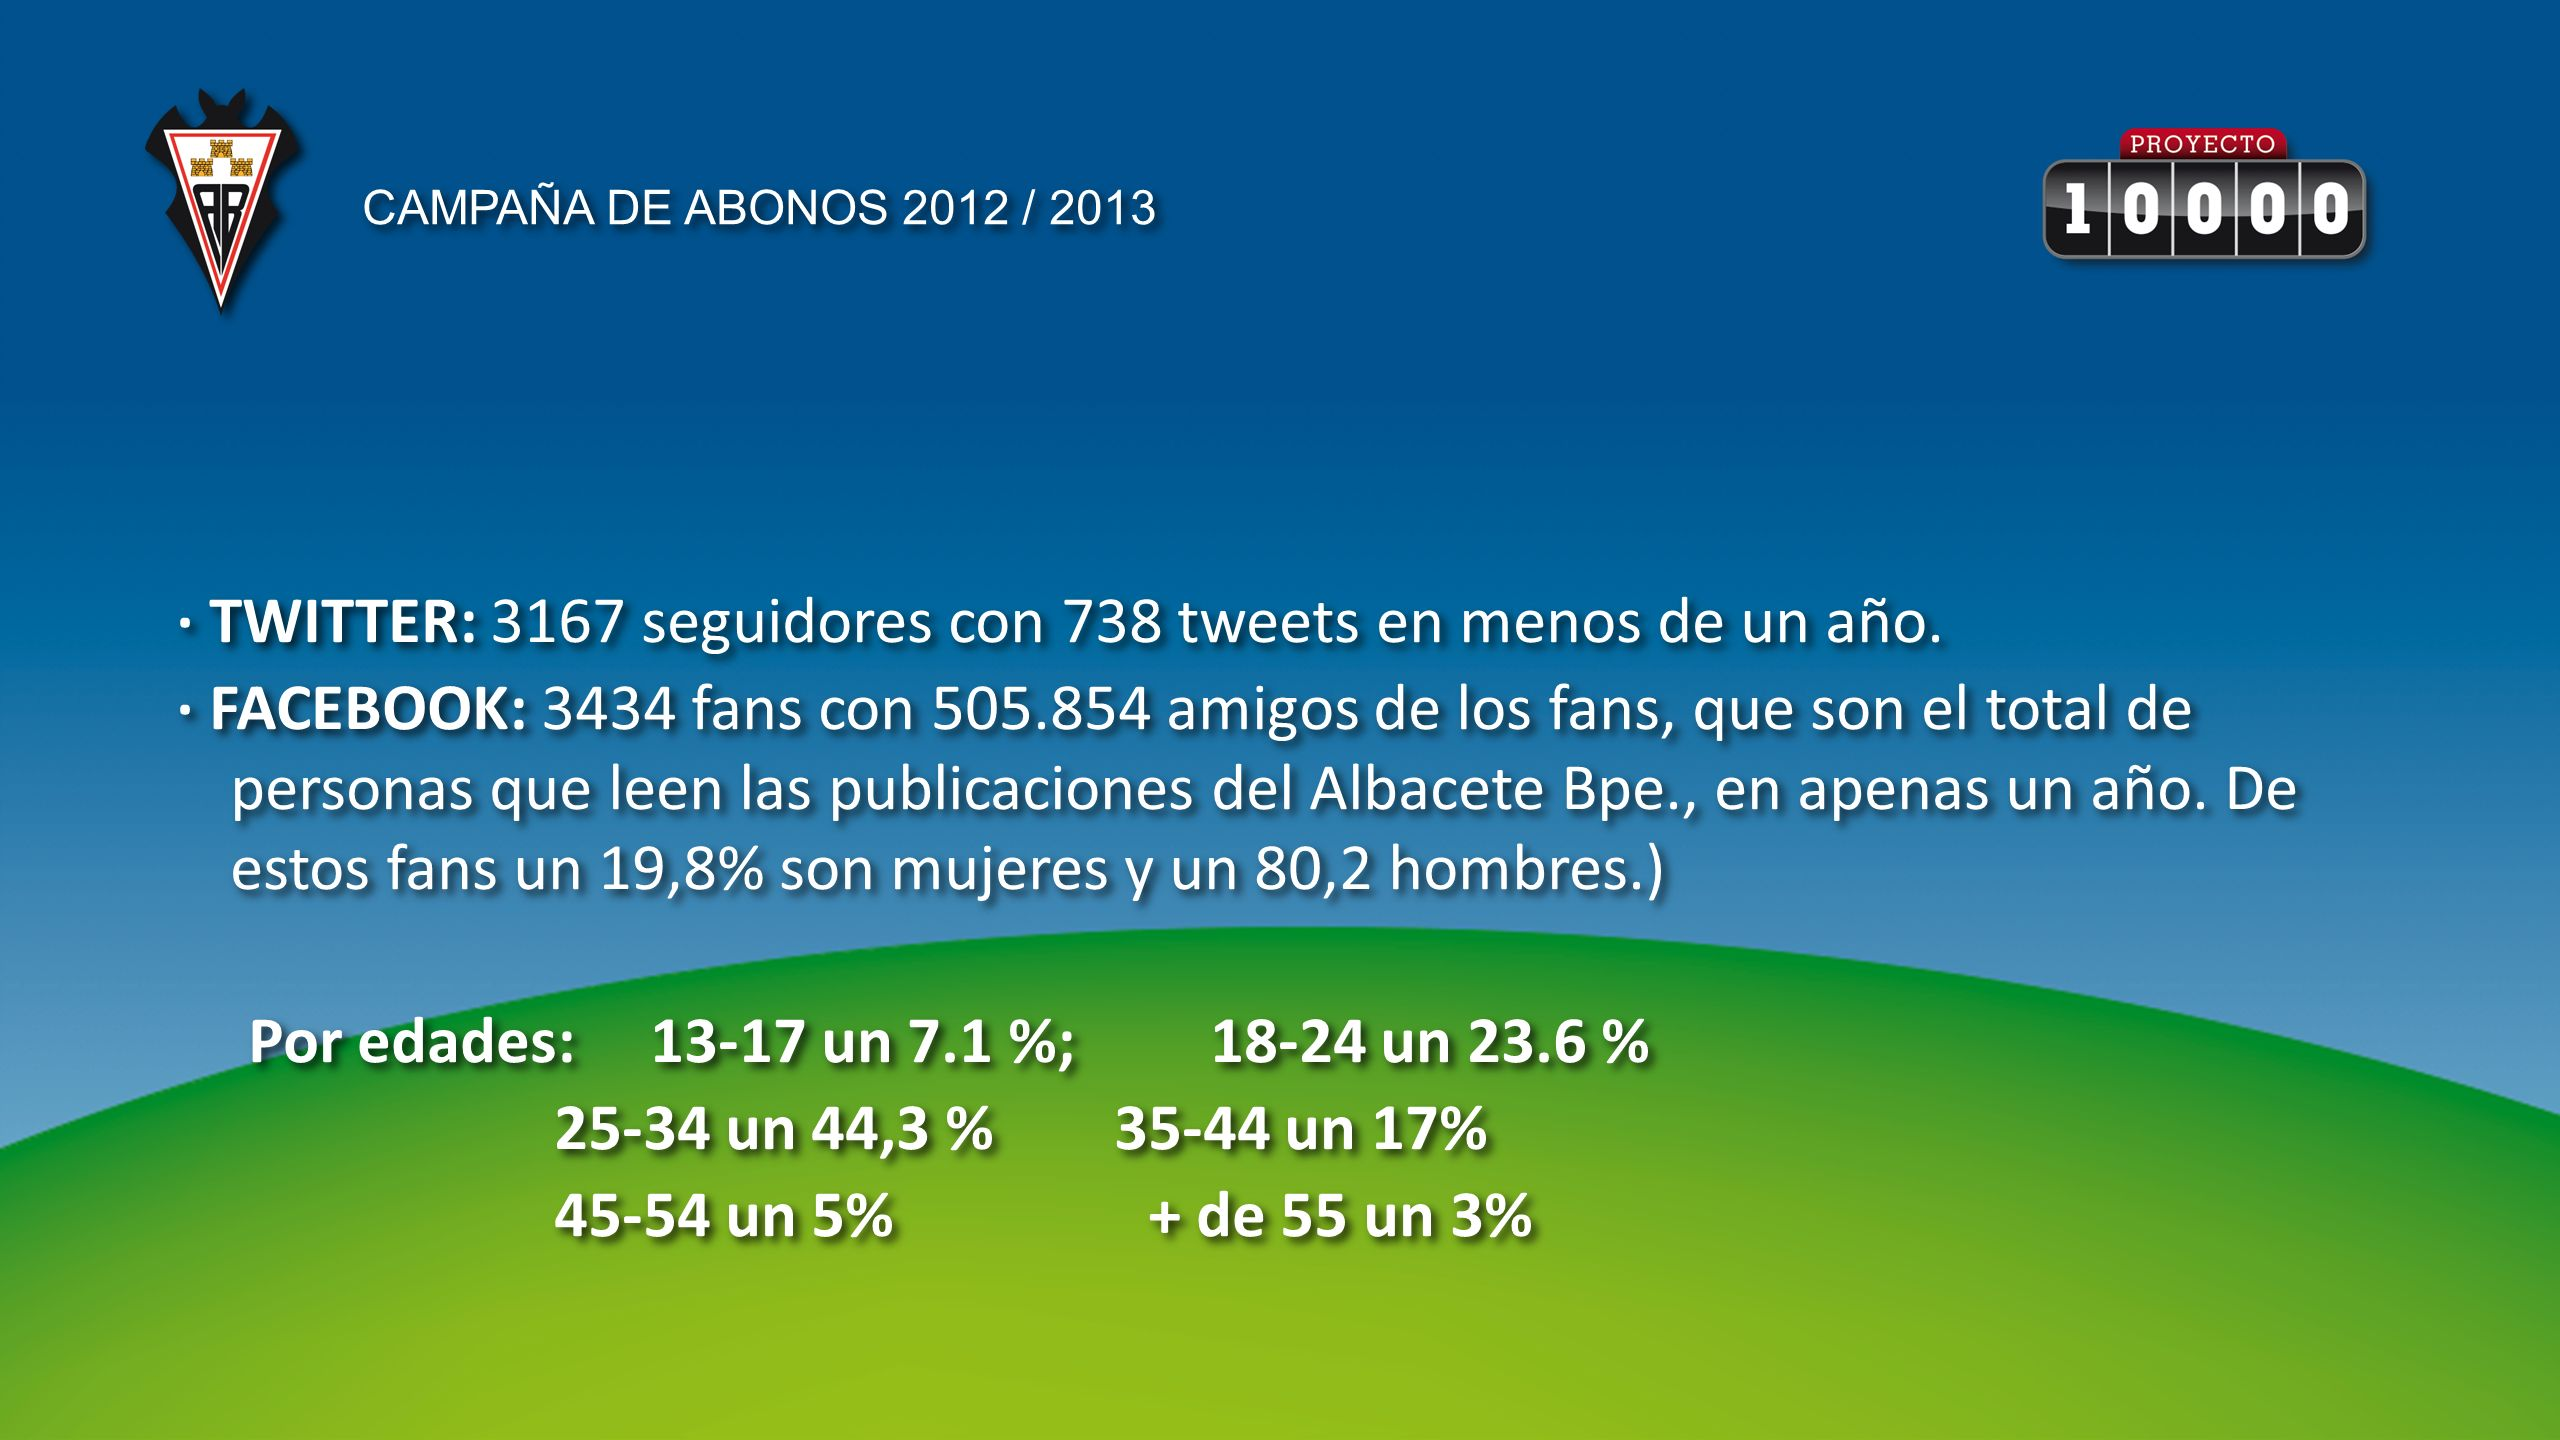 · TWITTER: 3167 seguidores con 738 tweets en menos de un año. · FACEBOOK: 3434 fans con 505.854 amigos de los fans, que son el total de personas que l